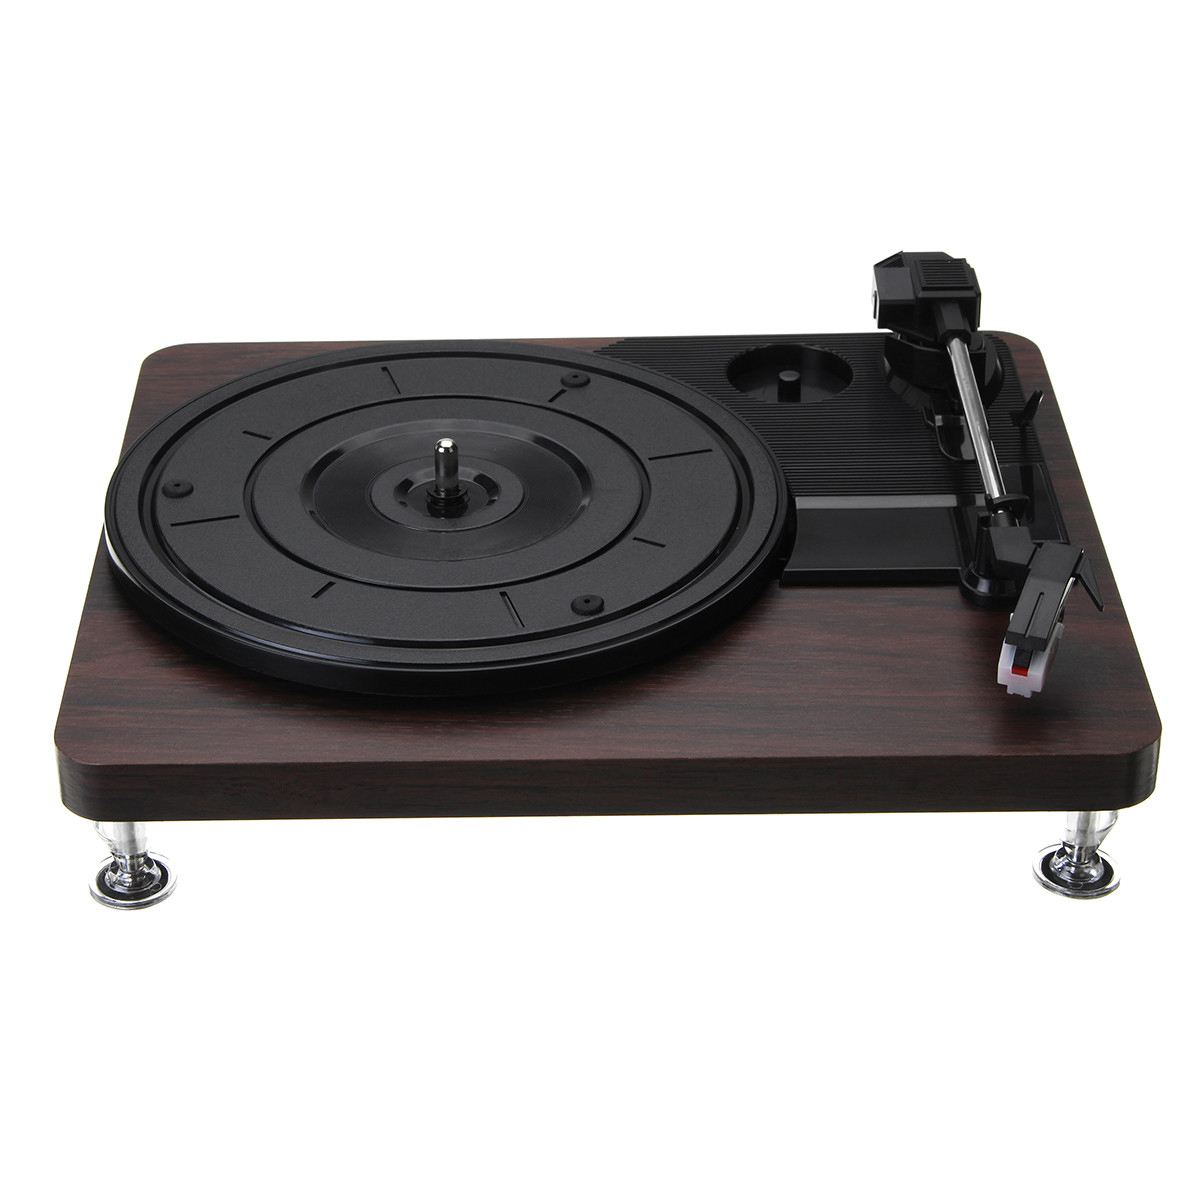 33 tours Disque En Plastique Rétro Lecteur Audio Portable Gramophone Platine Disque Vinyle Audio Rca R/L 3.5Mm Sortie Usb Dc 5V